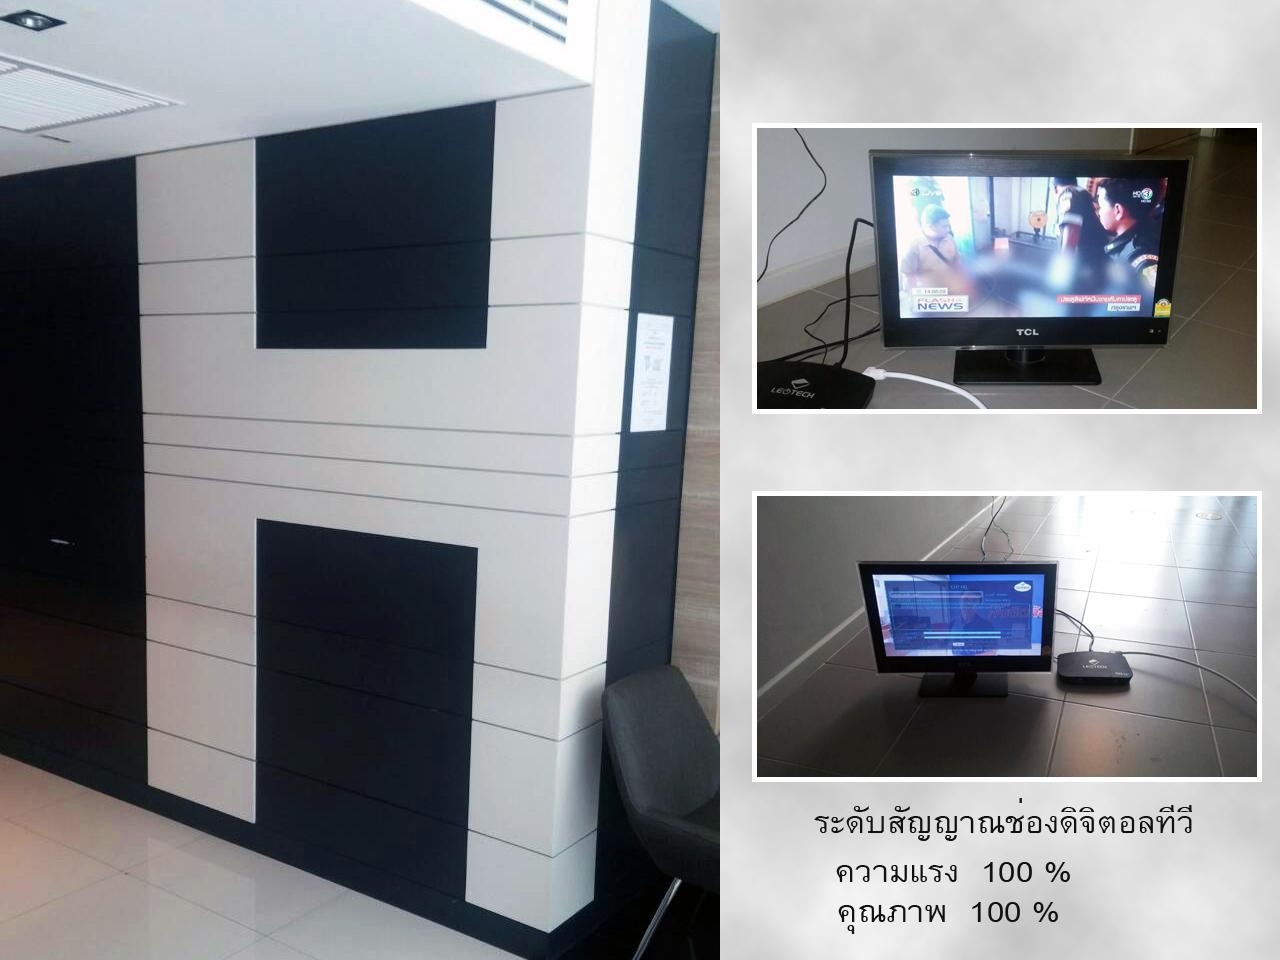 ทดสัญญาณดิจิตอลทีวี ที่อาคาร H